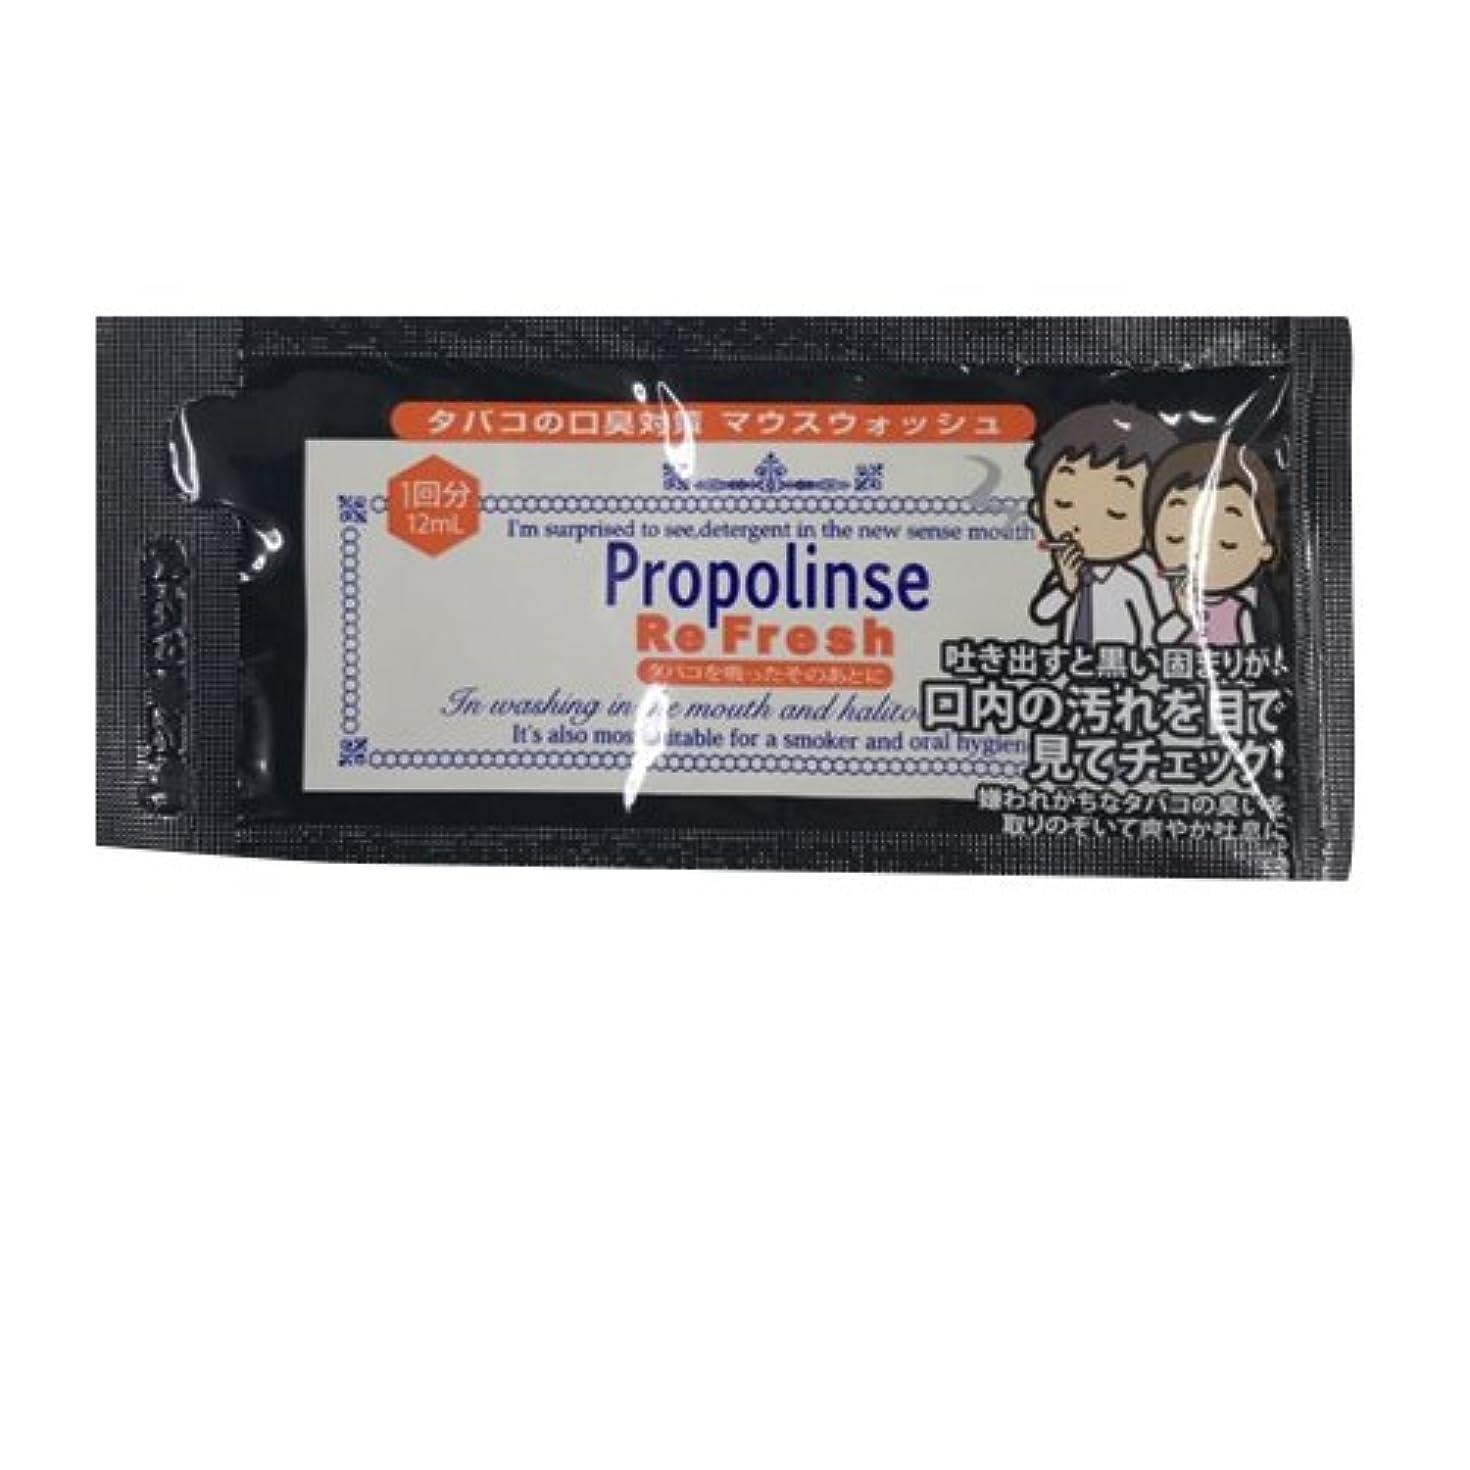 嘆願増幅器酸化するプロポリンス ハンディパウチ12ml ×50個 リフレッシュ